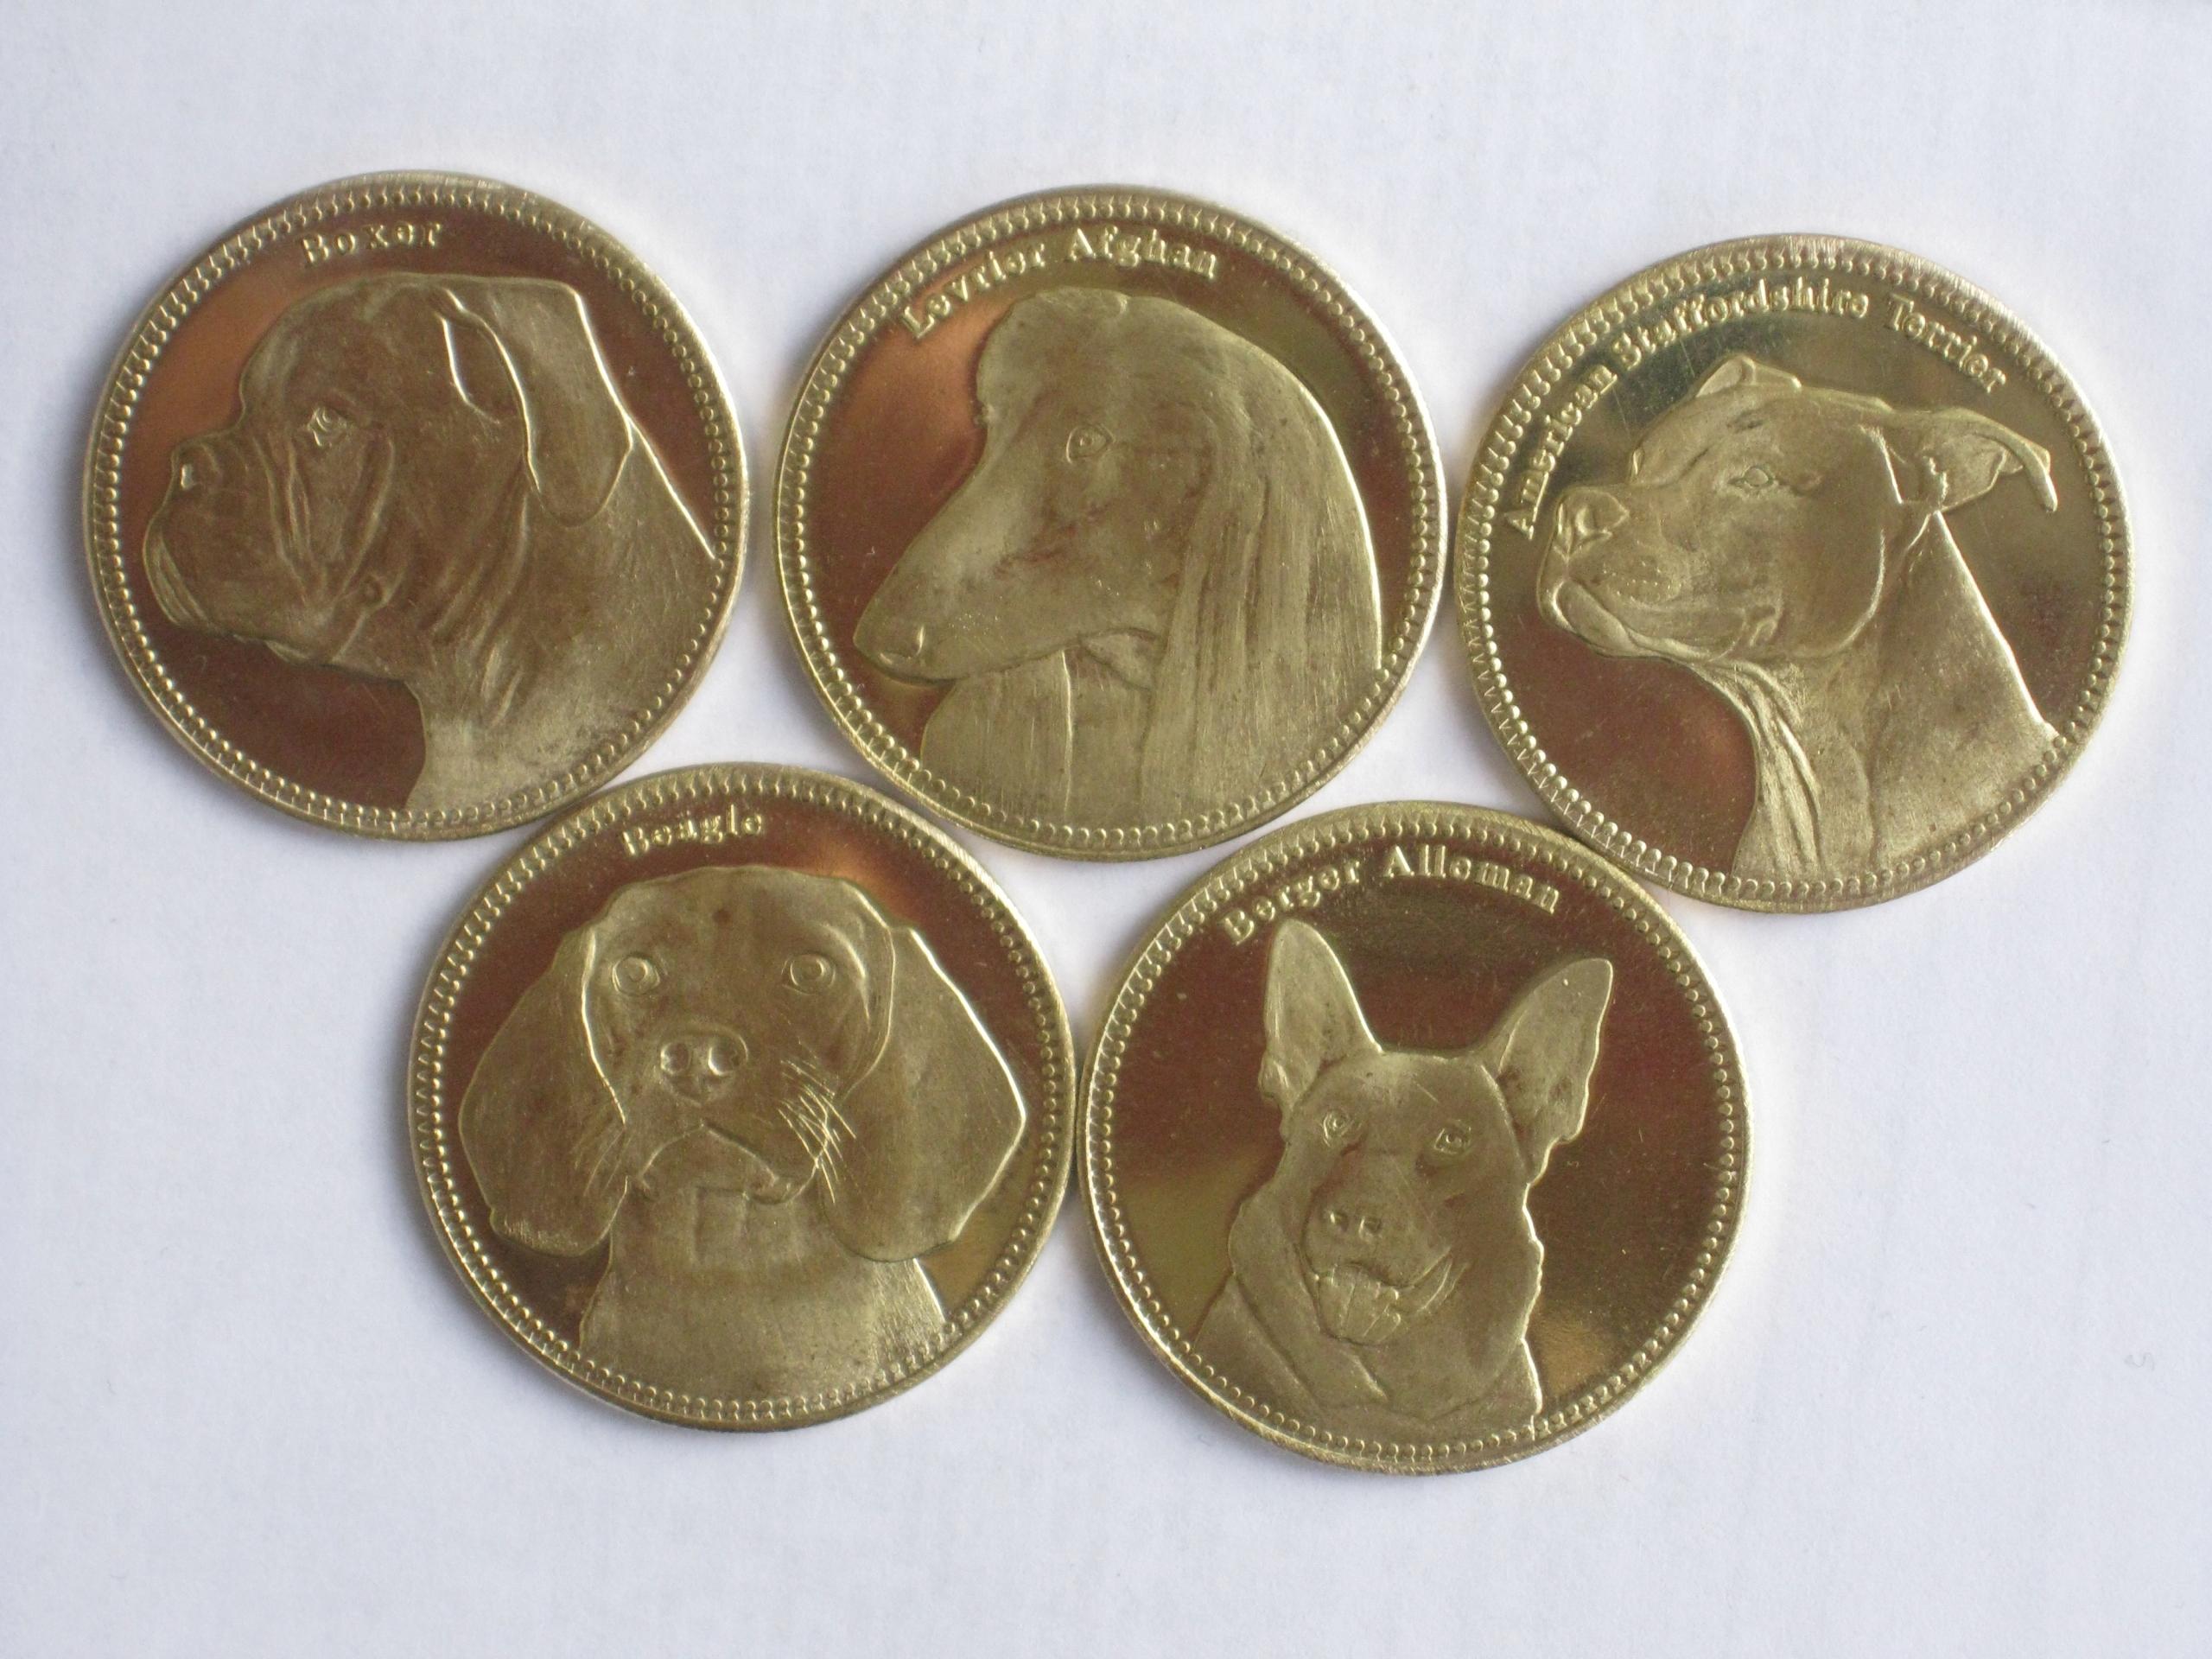 SOMALILAND zestaw 5 monet PSY